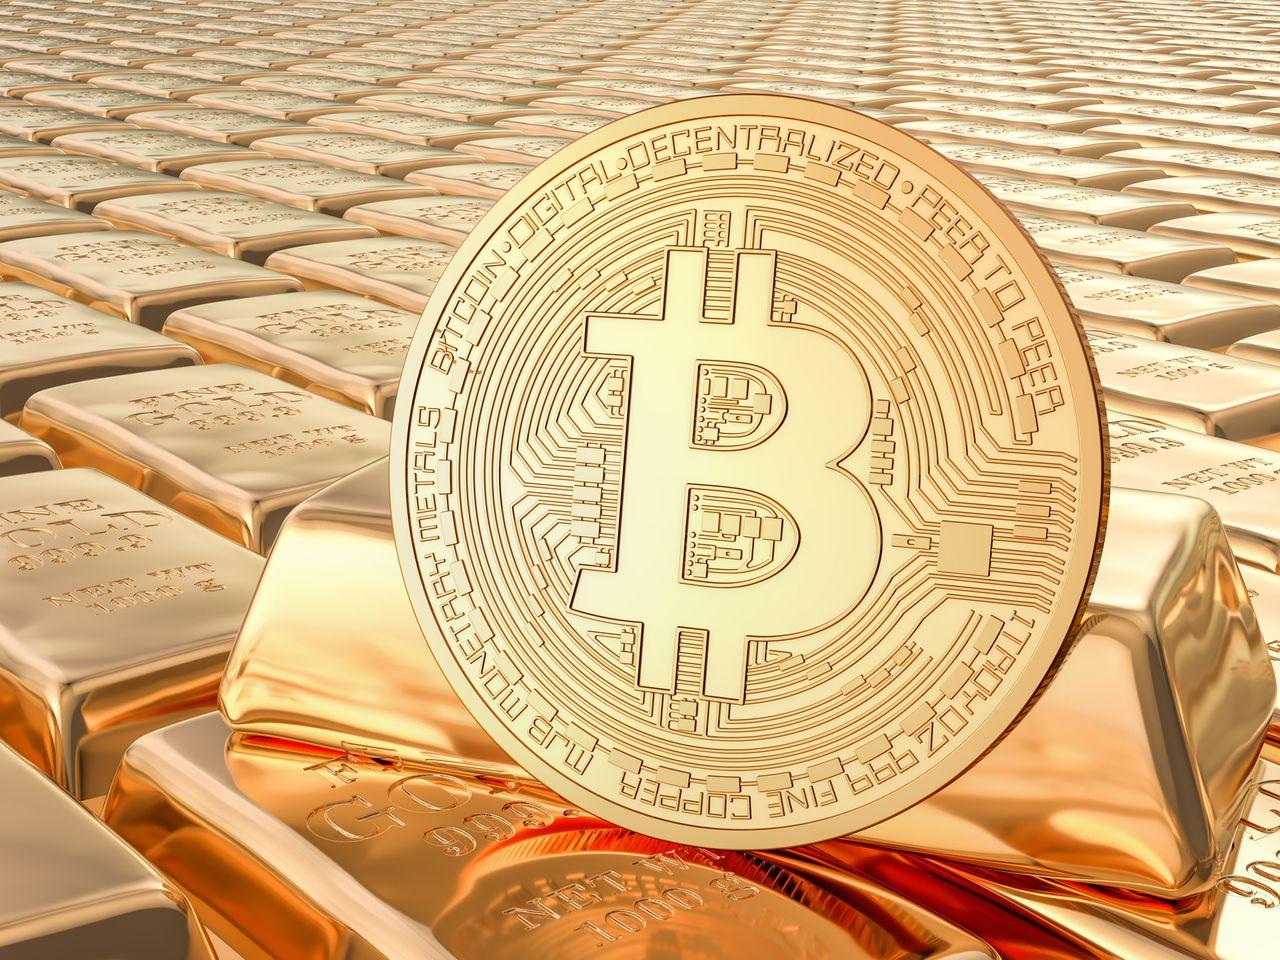 il miglior bitcoin rubinetto